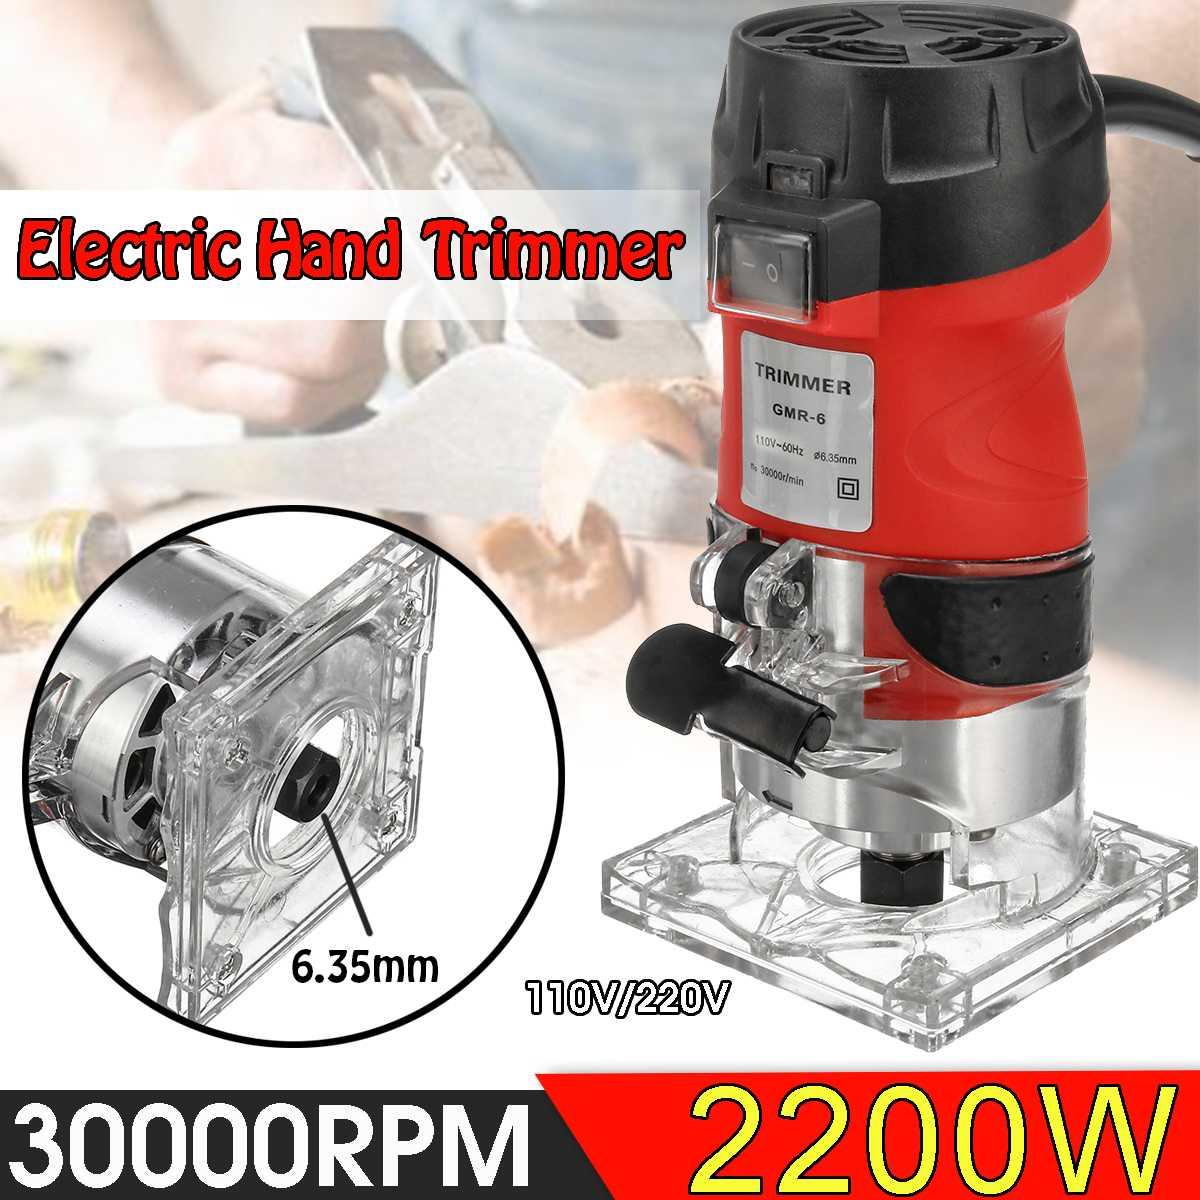 2200W tondeuse à main électrique 220 V/110 V bois plastifieuse routeur 6.35mm coupe sculpture fraiseuse menuiserie outils électriques